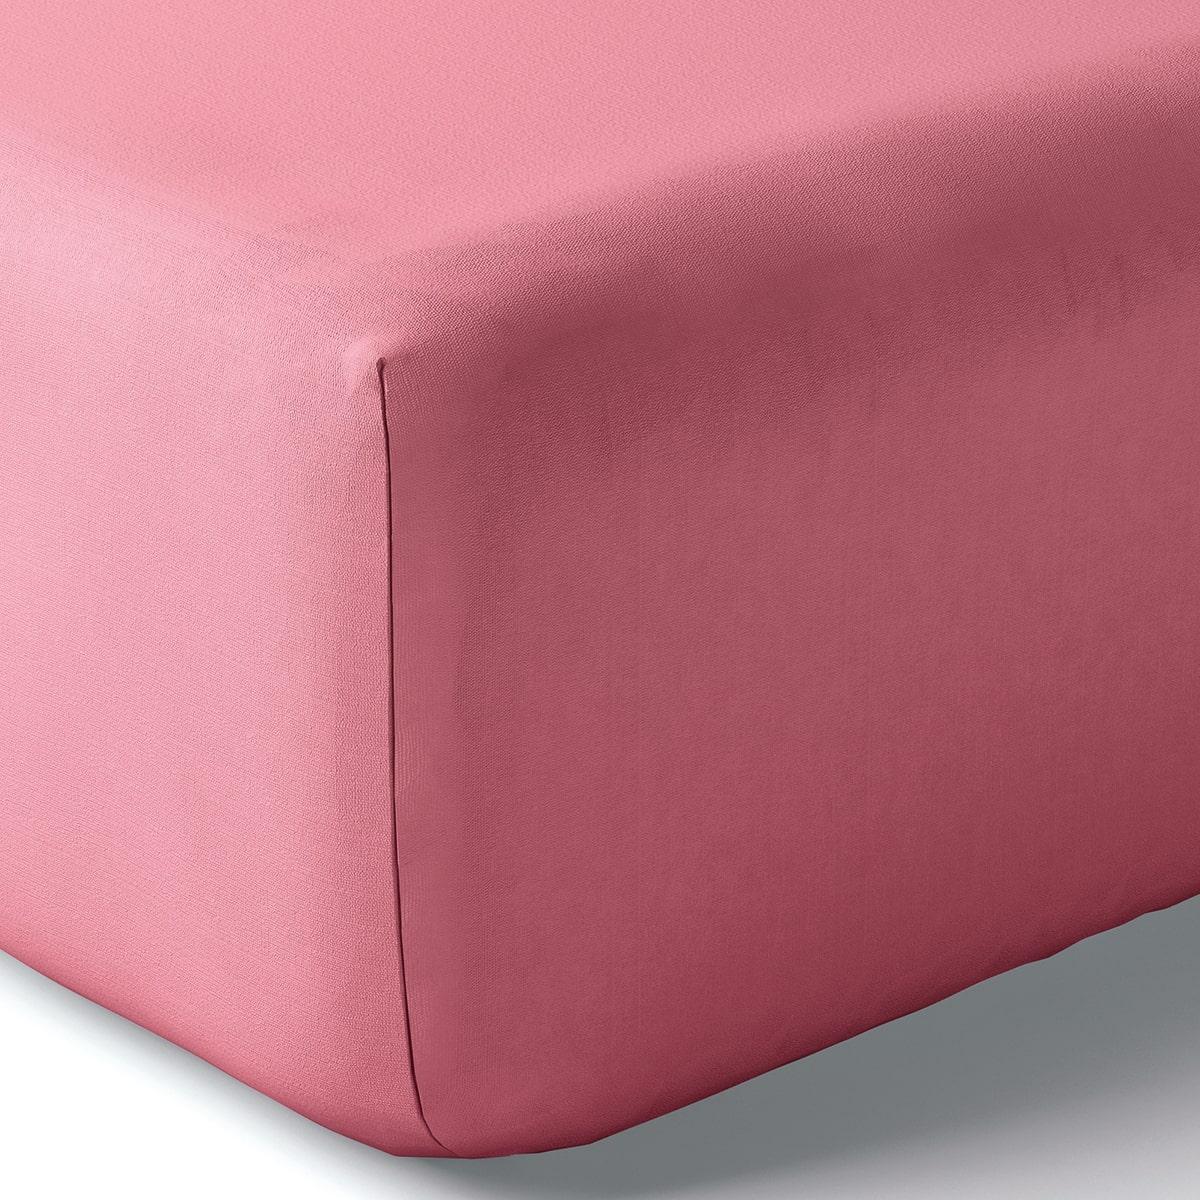 Drap housse coton 140x190 cm pivoine